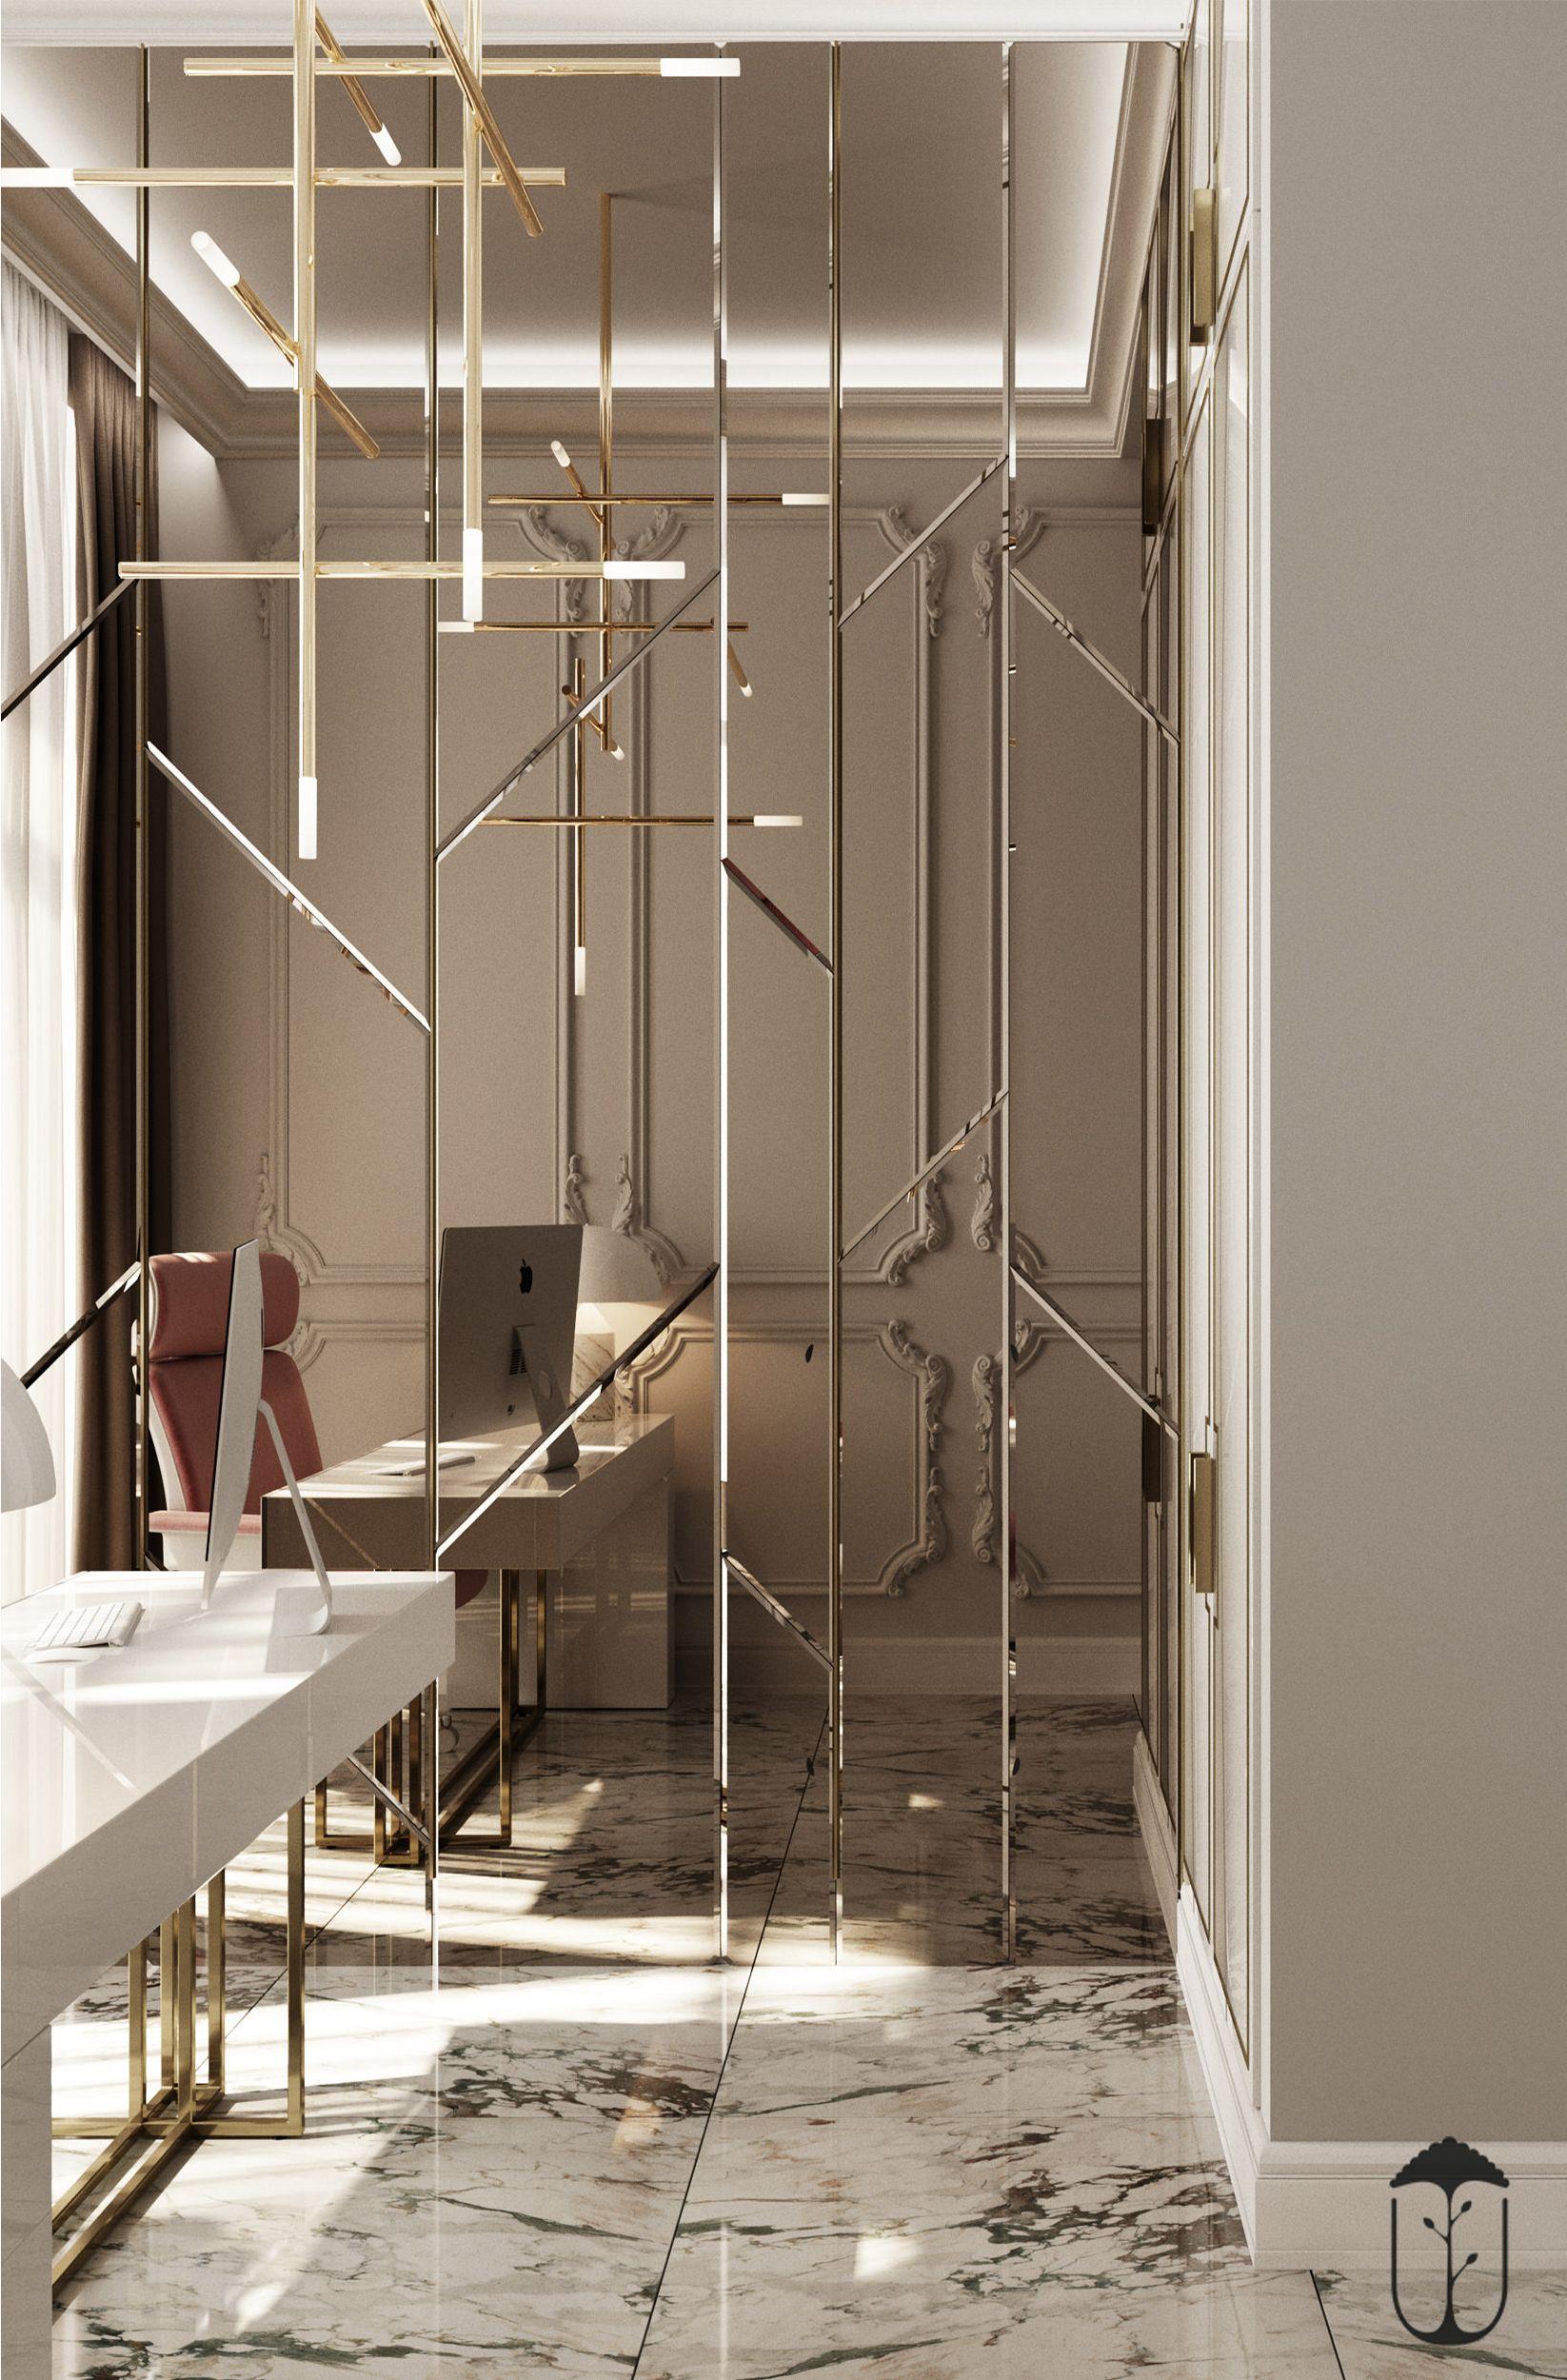 Mirror Design Wall Image By U Style Studiya On Ui029 Foyer Design